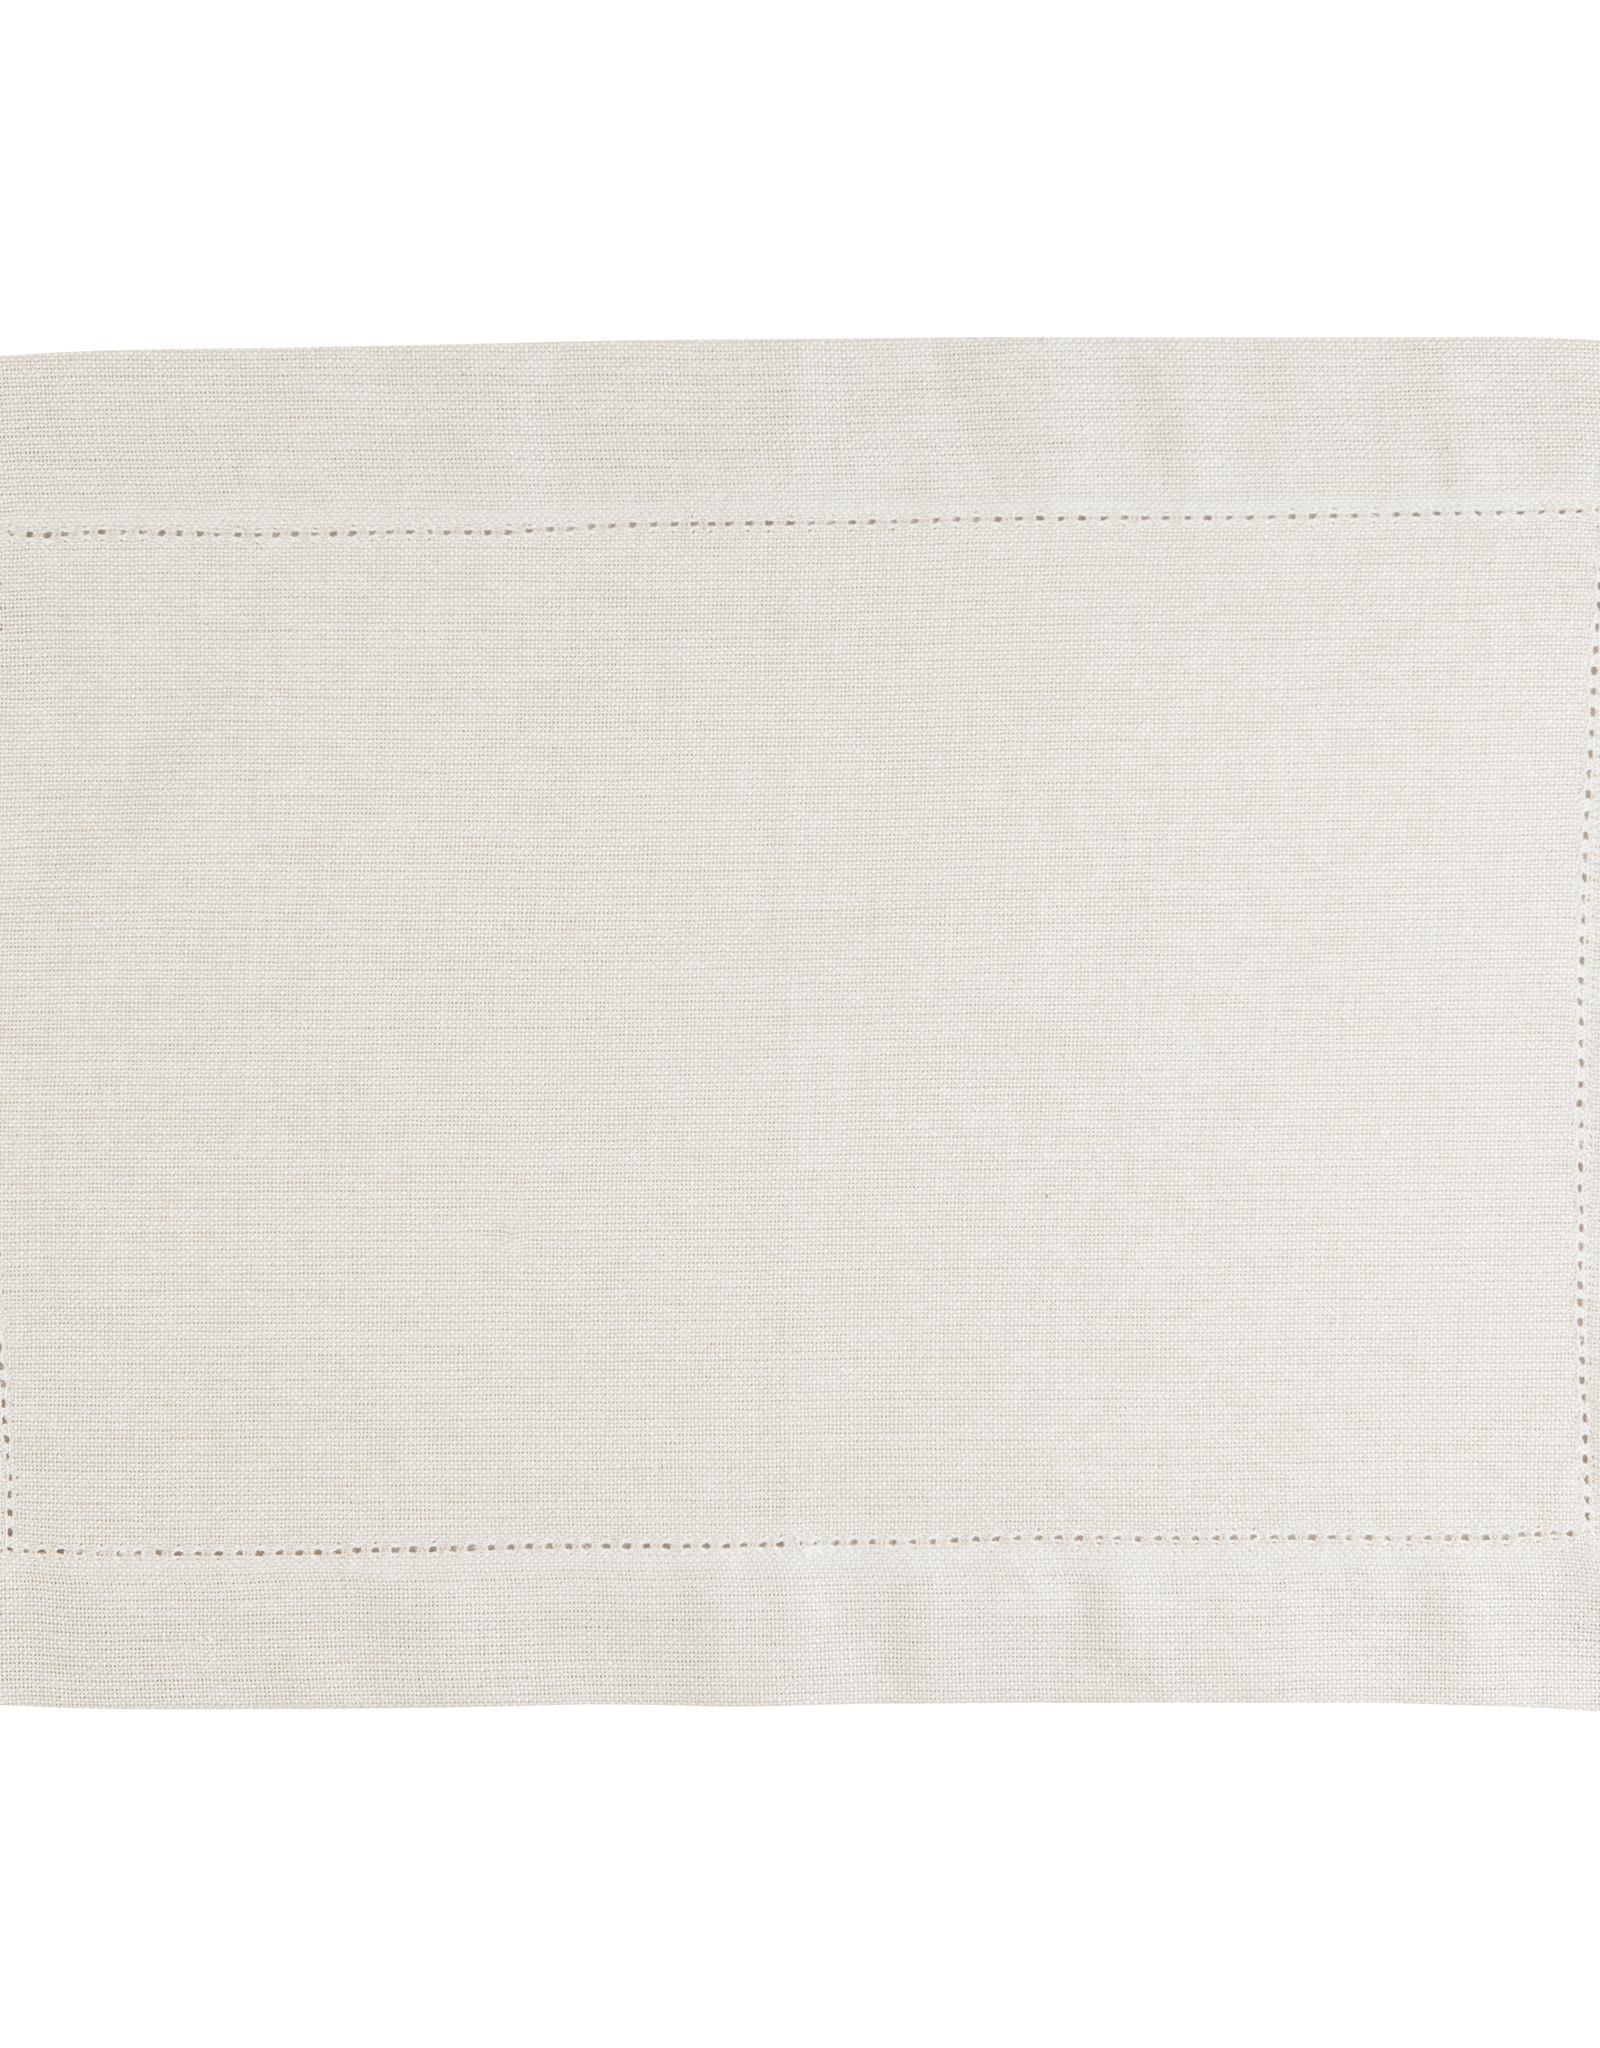 Linen & More Placemat set 4